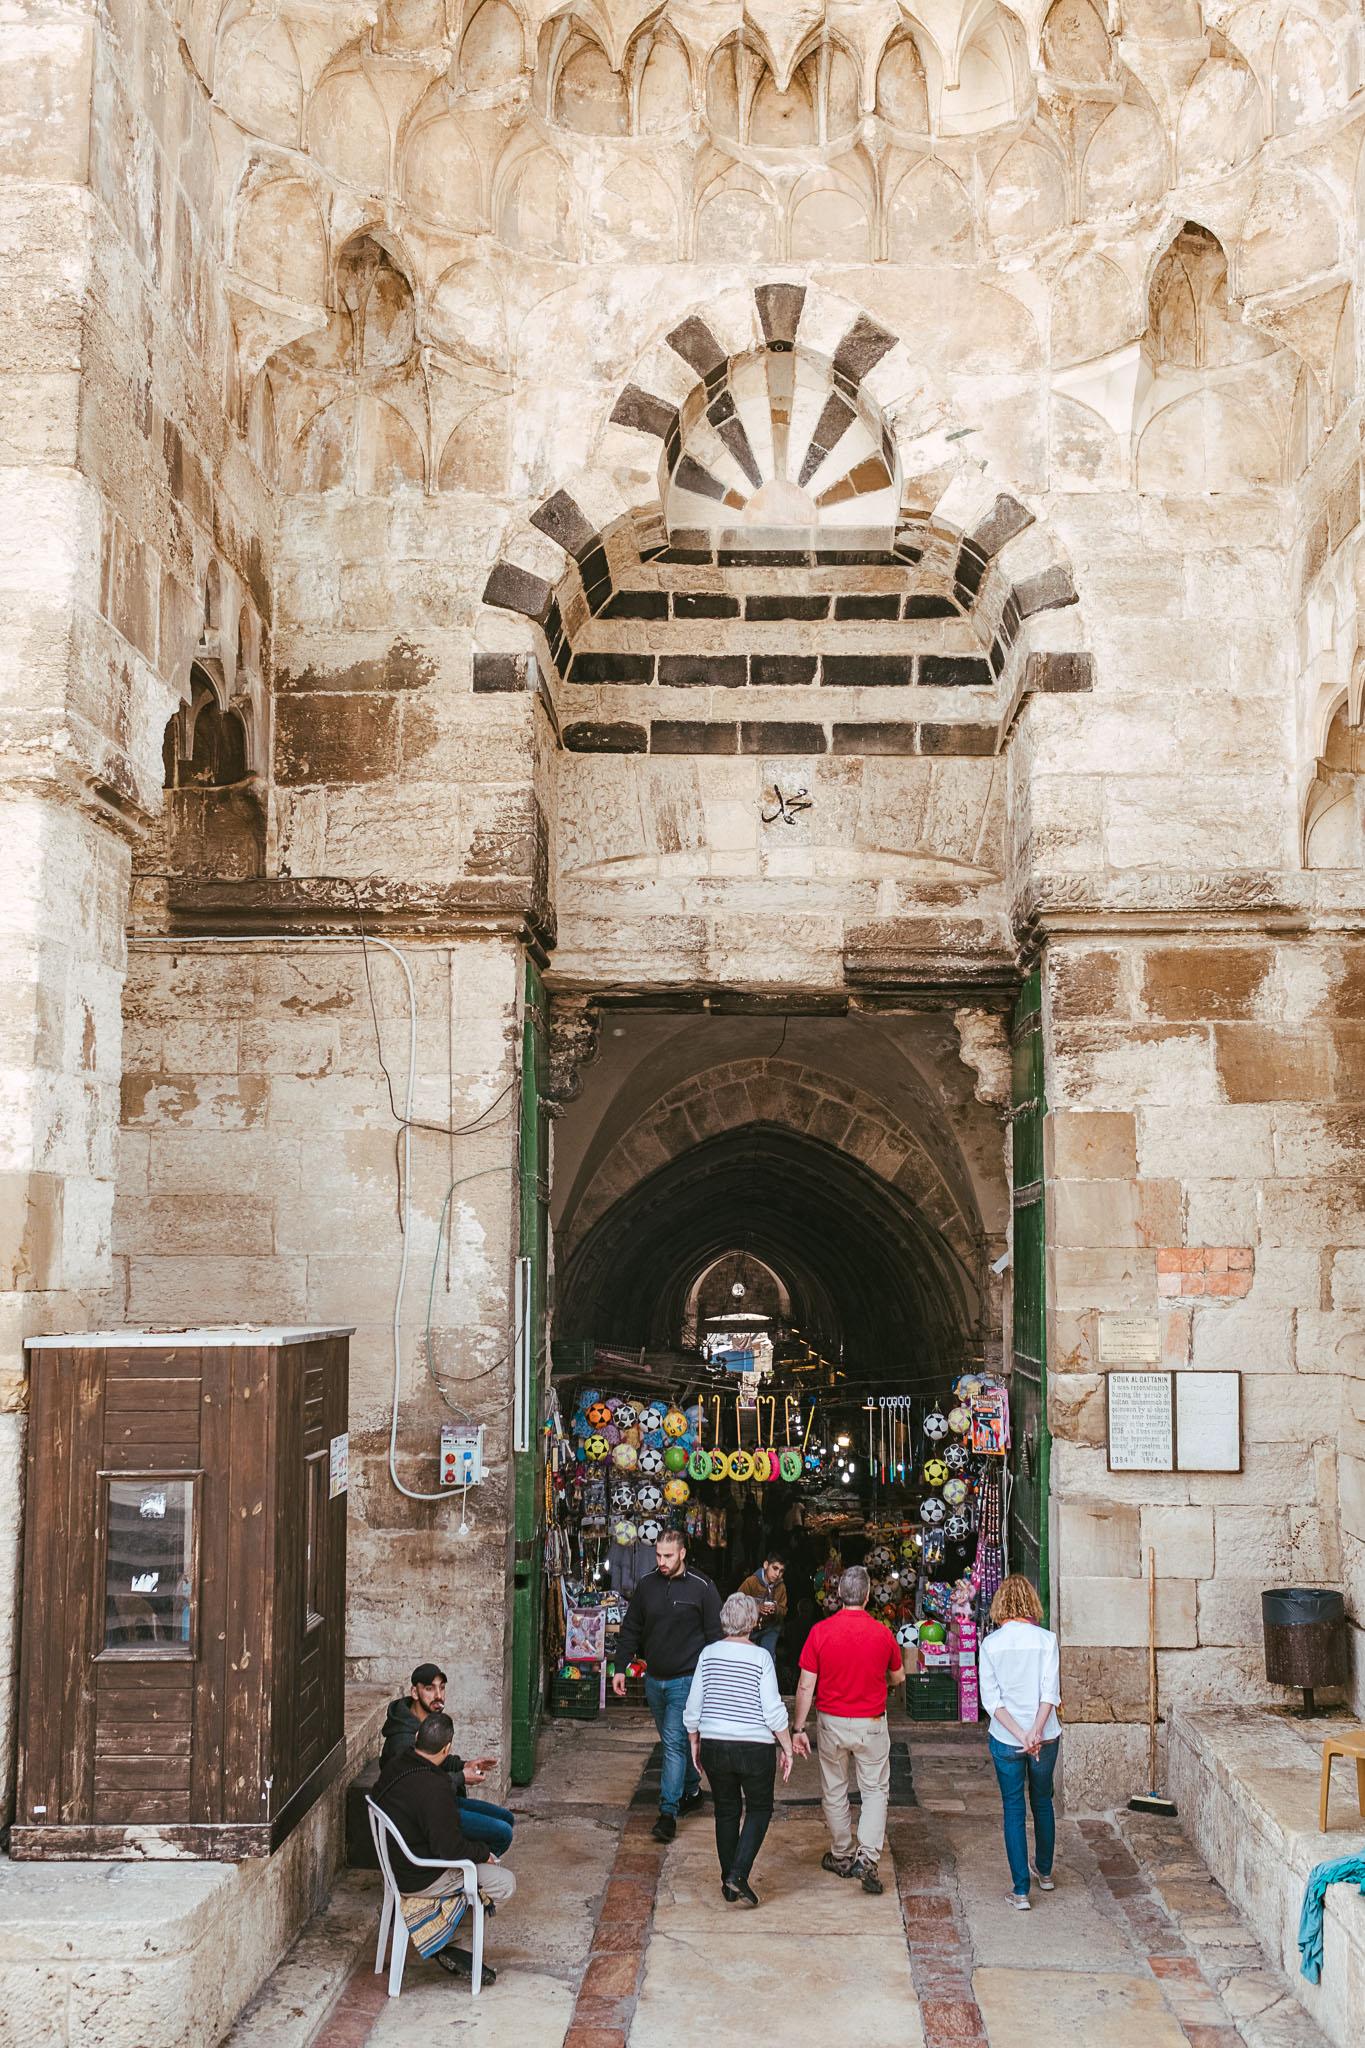 jerusalem - Israel - geschichten von unterwegs - Reiseblogger (507 von 9)